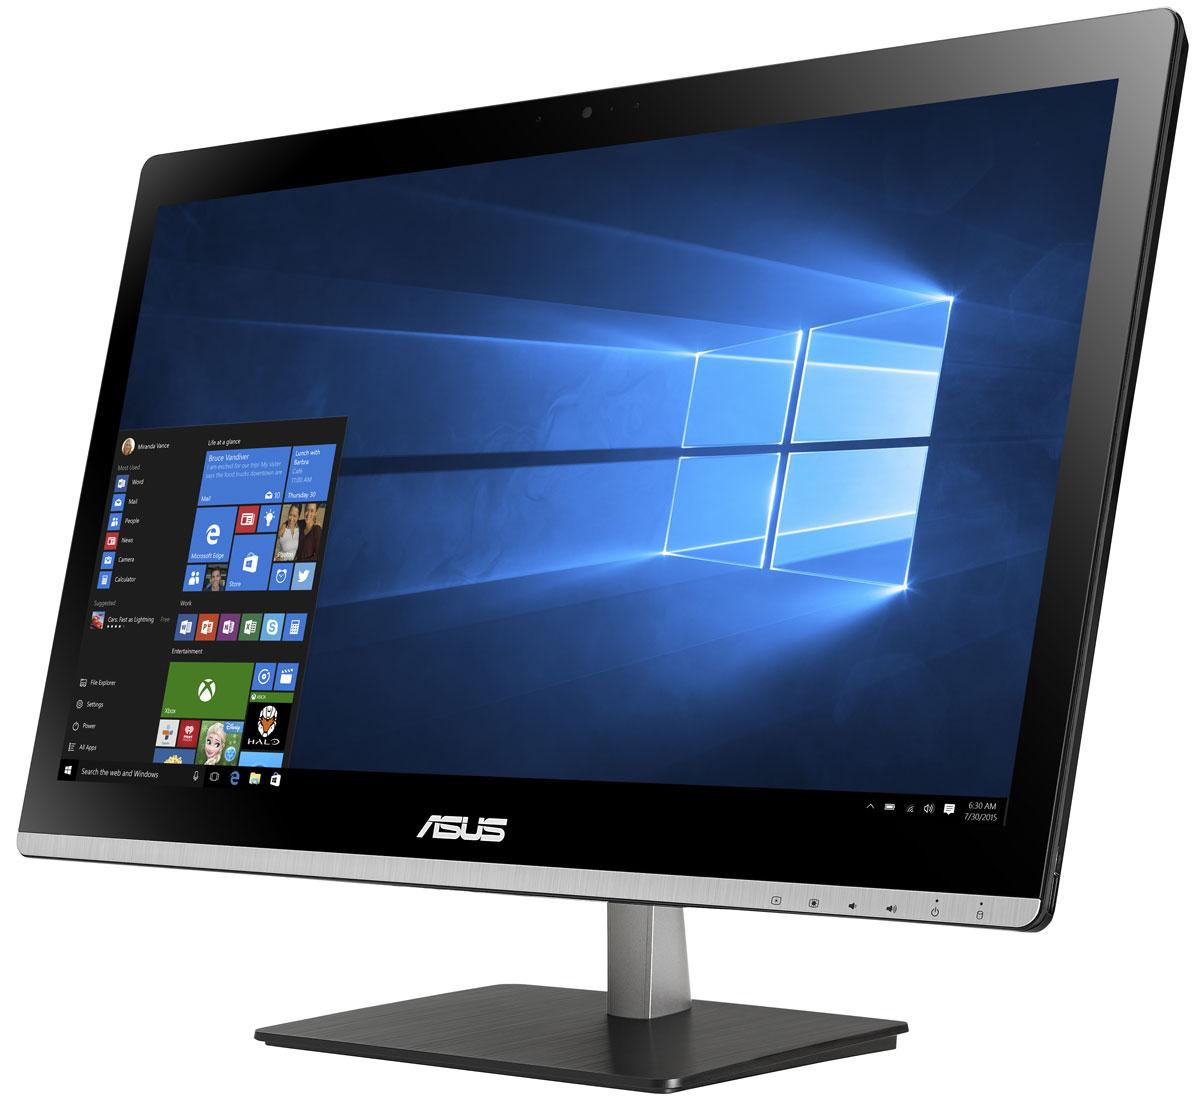 ASUS Vivo AiO V220ICGT, Black моноблок (V220ICGT-BG023X)